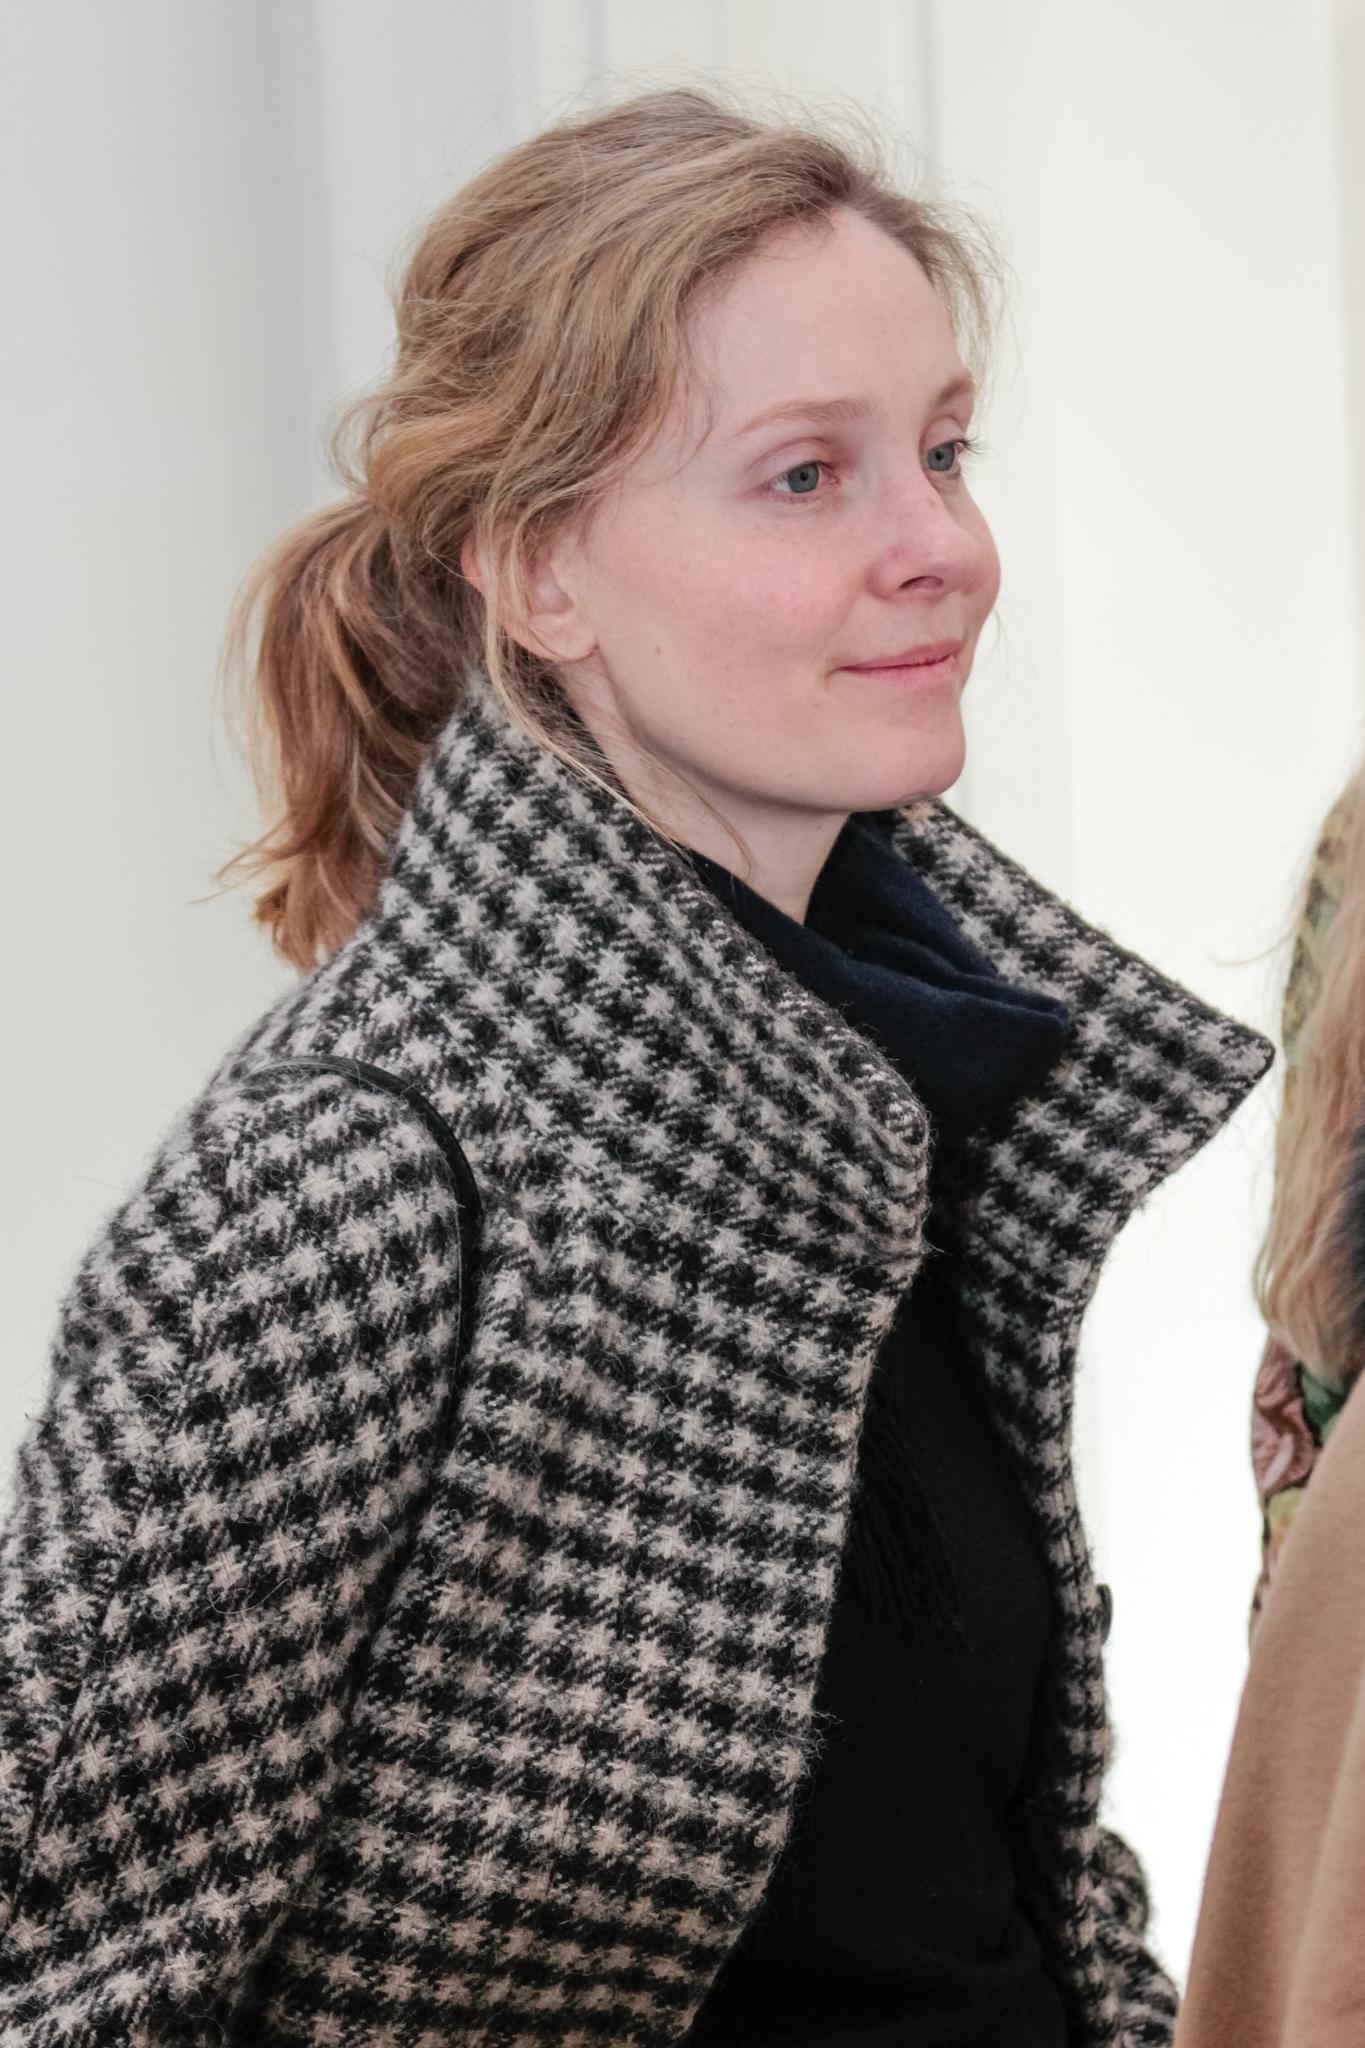 Marlene von Carnap